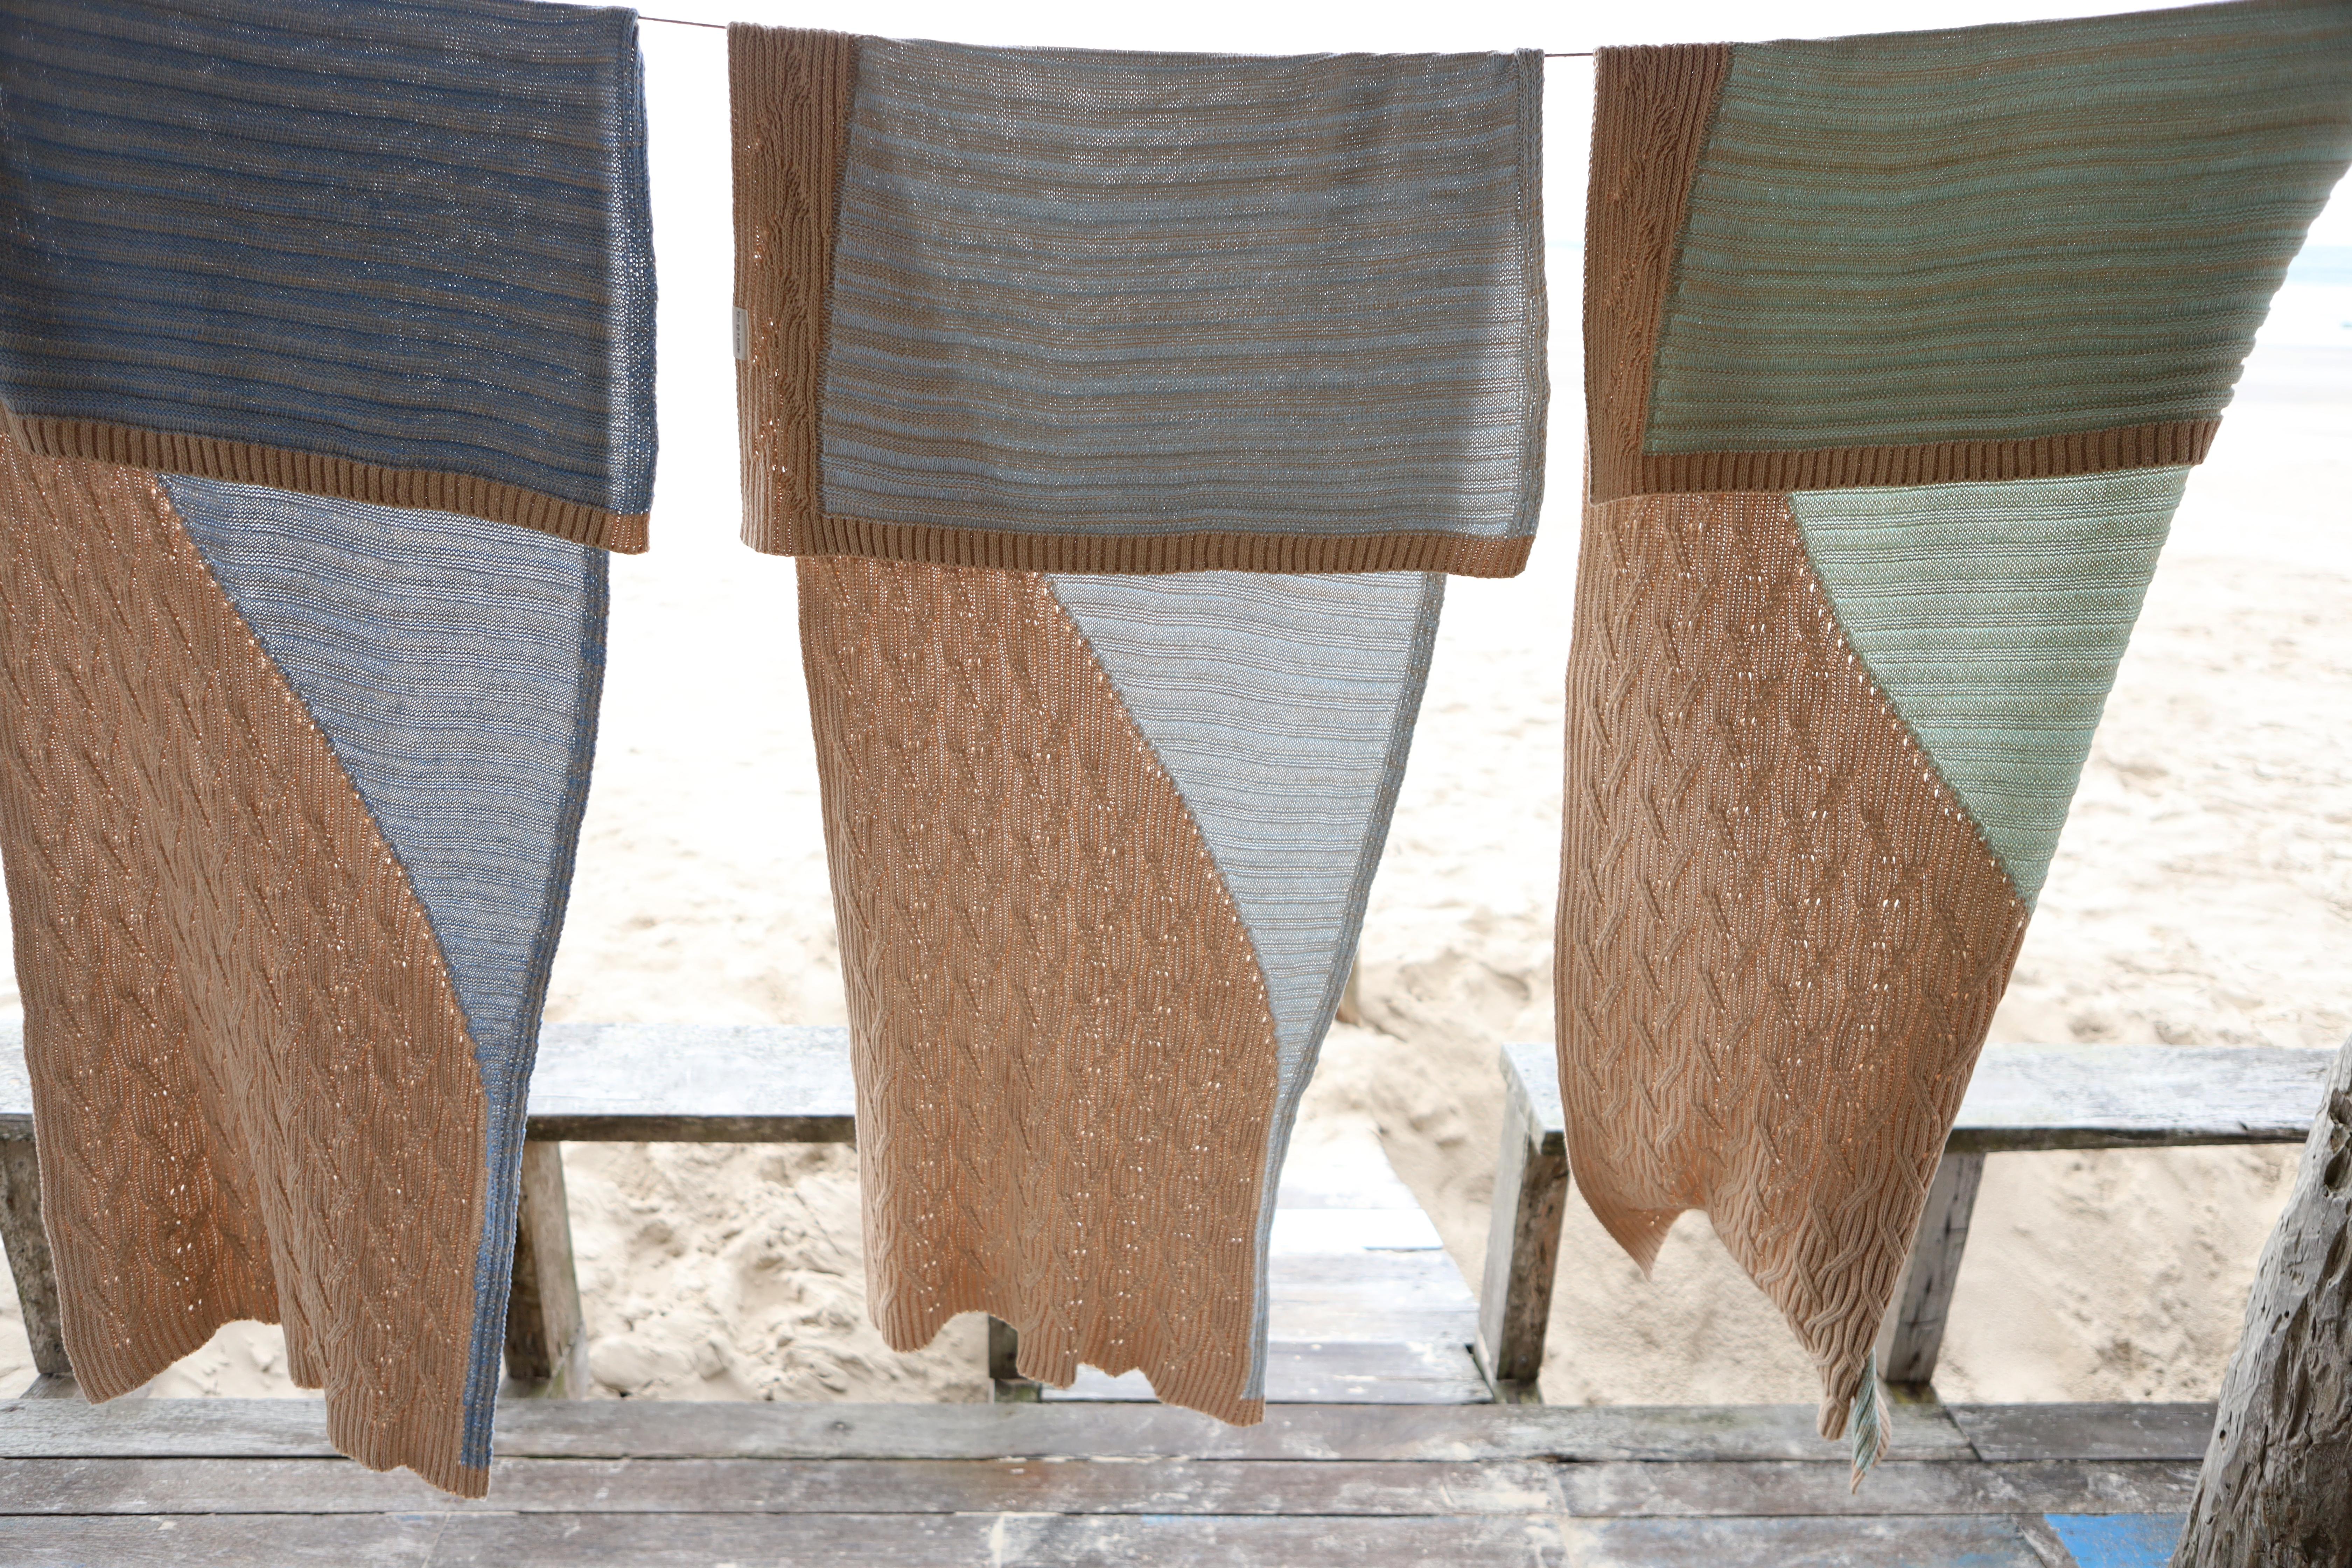 Nova coleção de mantas e almofadas é feita com material de reuso